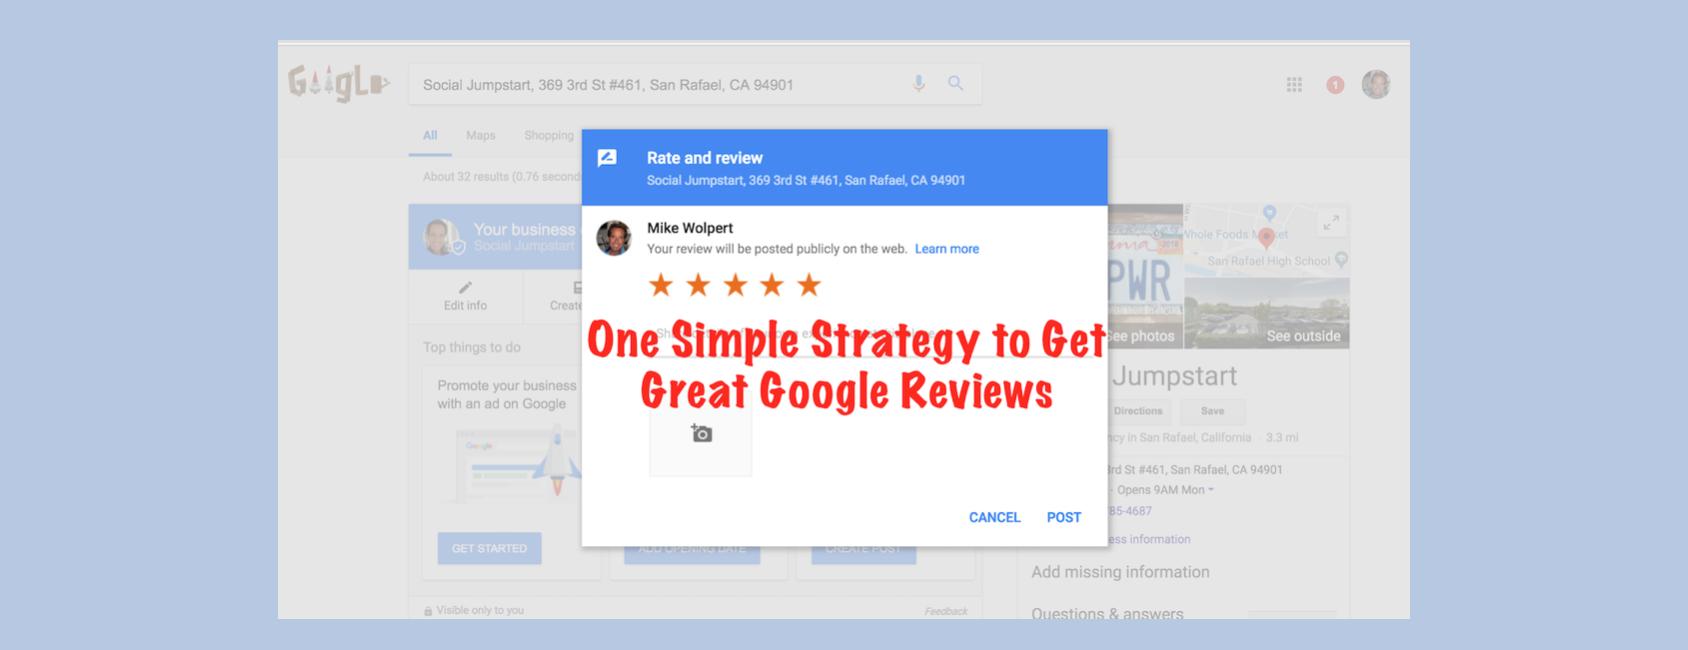 how to get google reviews